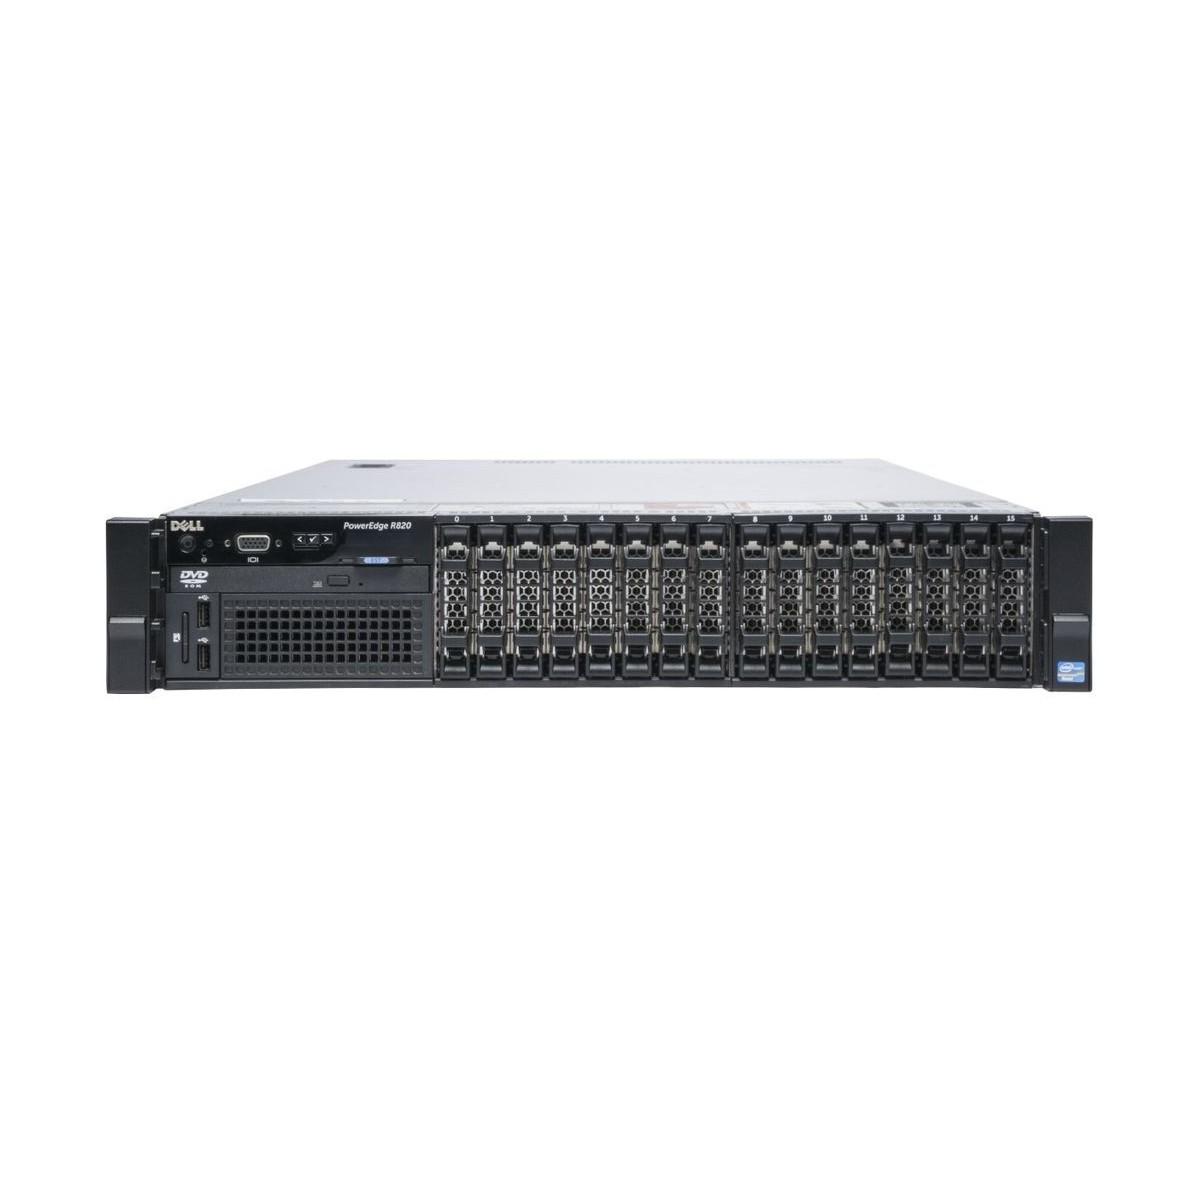 DELL R820 4xE5-4620 8CORE 64GB 2xSSD 2xSAS H710